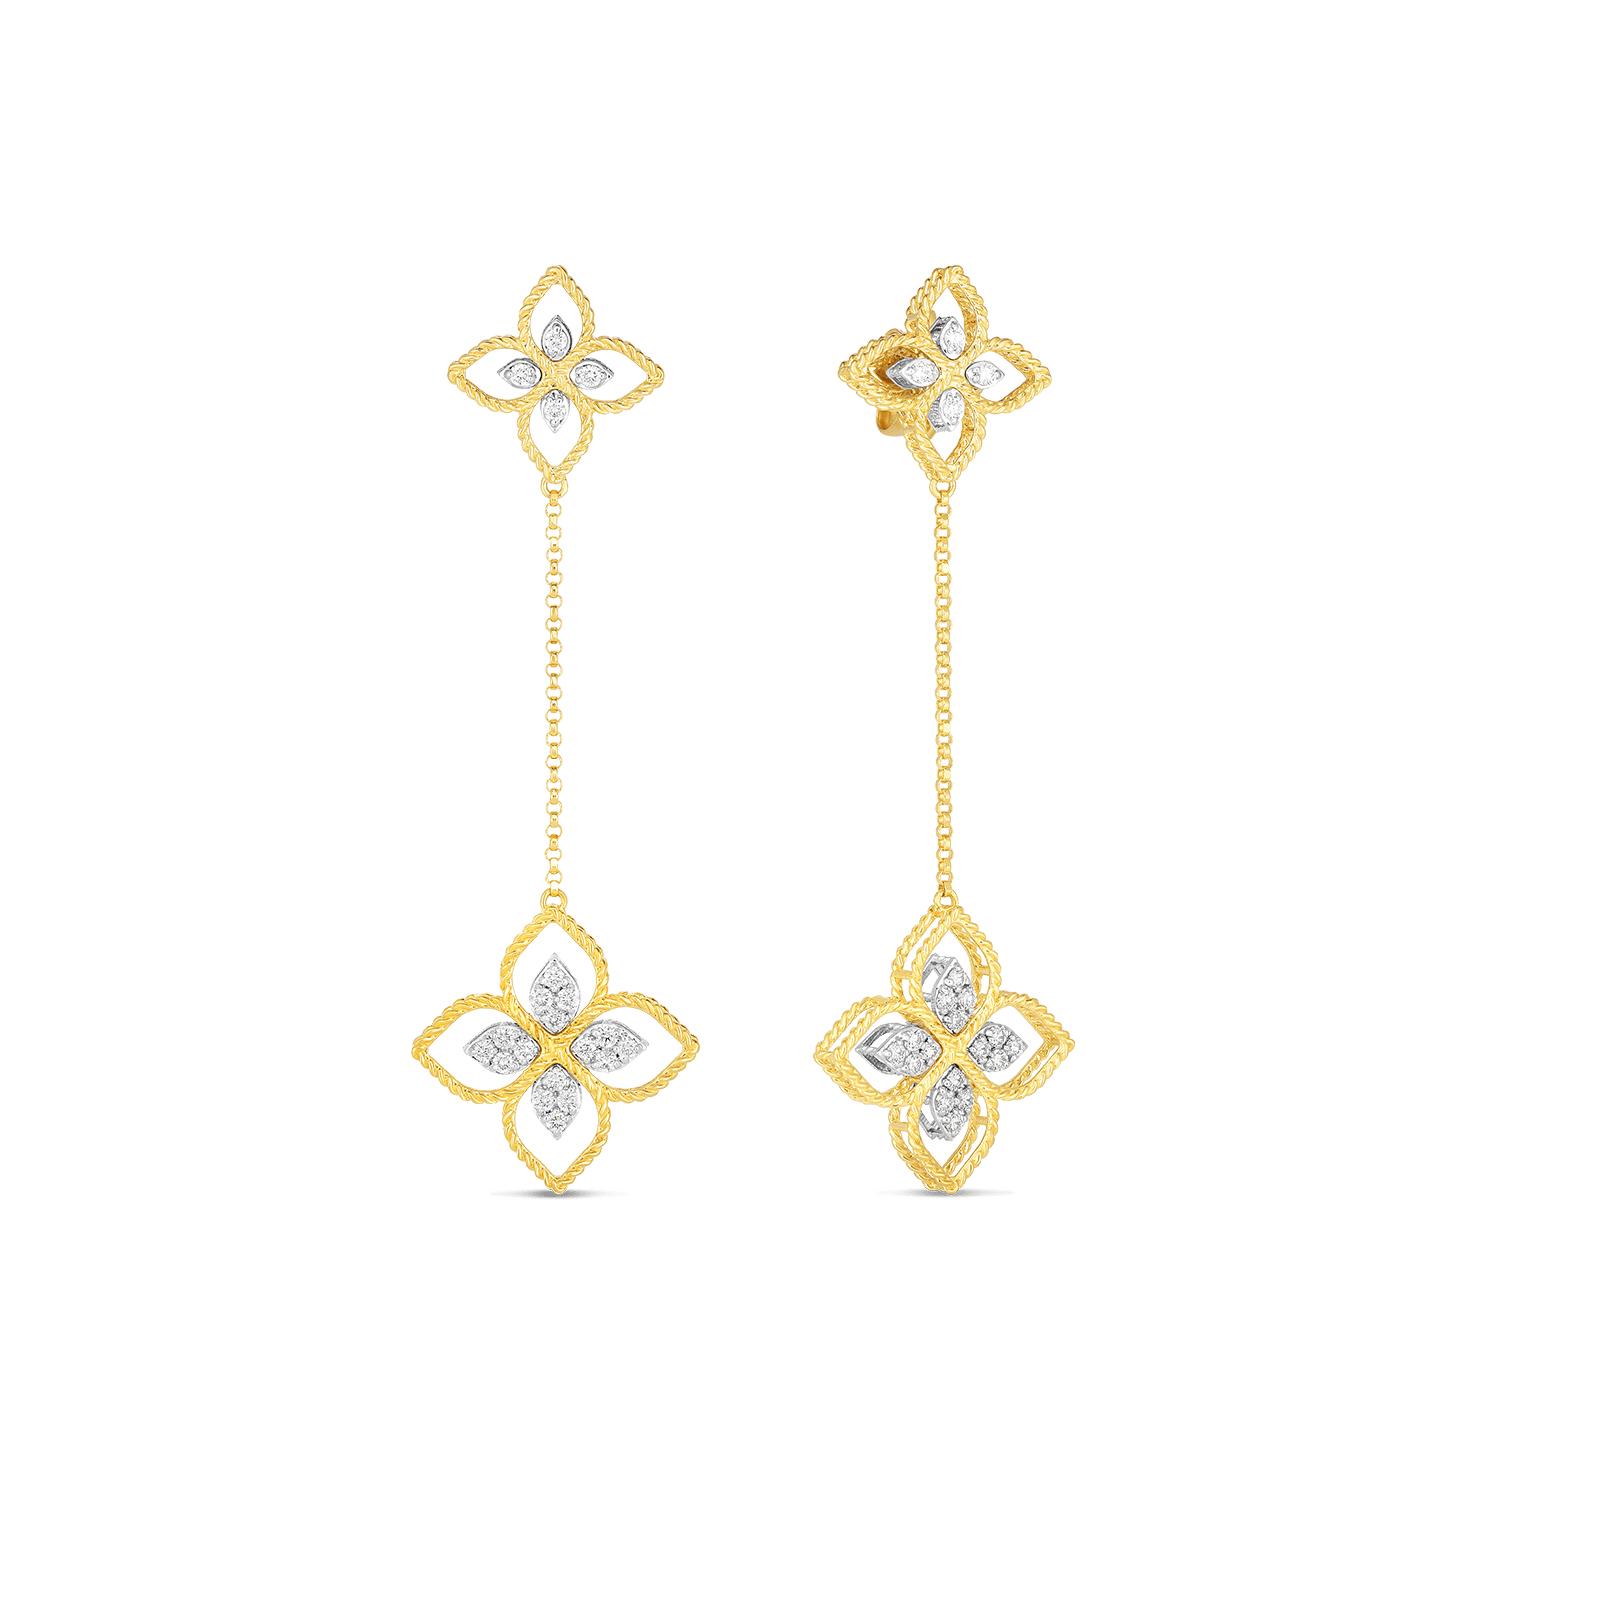 Dangle earrings Crown earrings Princess Crown Princess earrings Gifts for girls Gifts for her Fantasy Fantasy jewellery